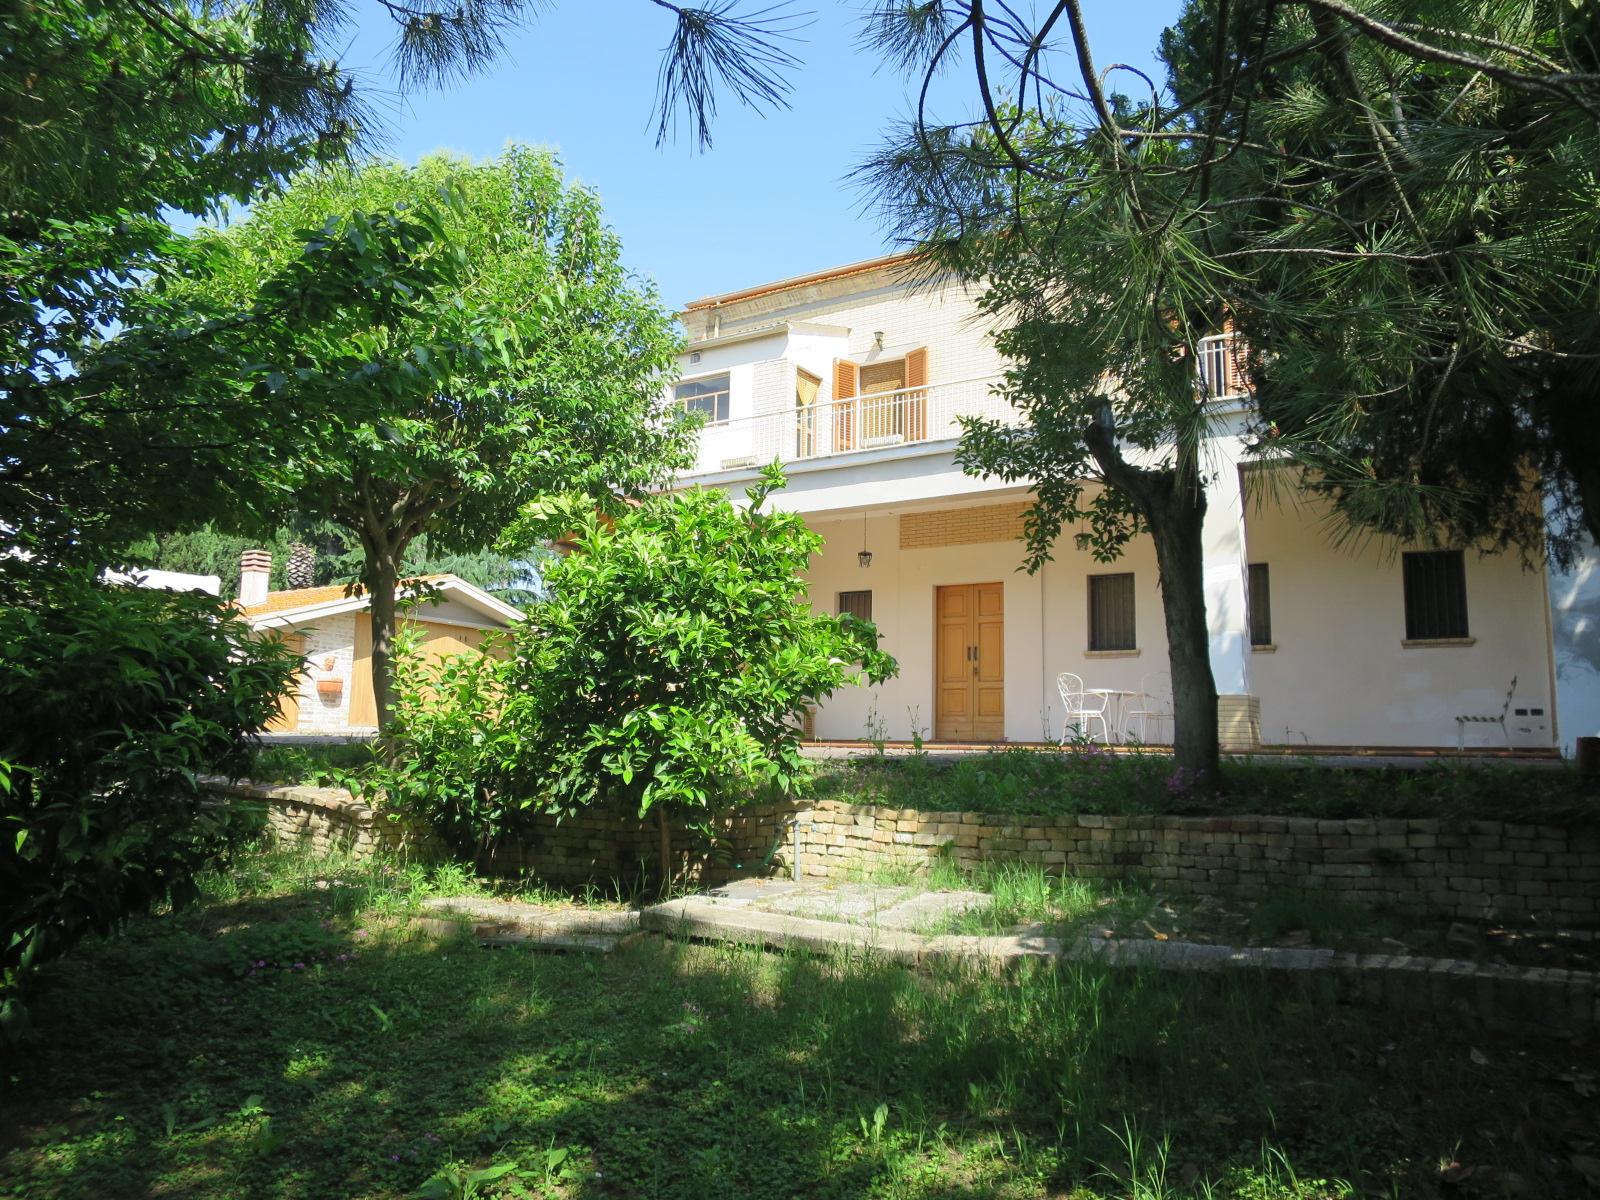 Villa Villa for sale Roseto degli Abruzzi (TE), Villa del Marinaio - Roseto degli Abruzzi - EUR 385.559 450